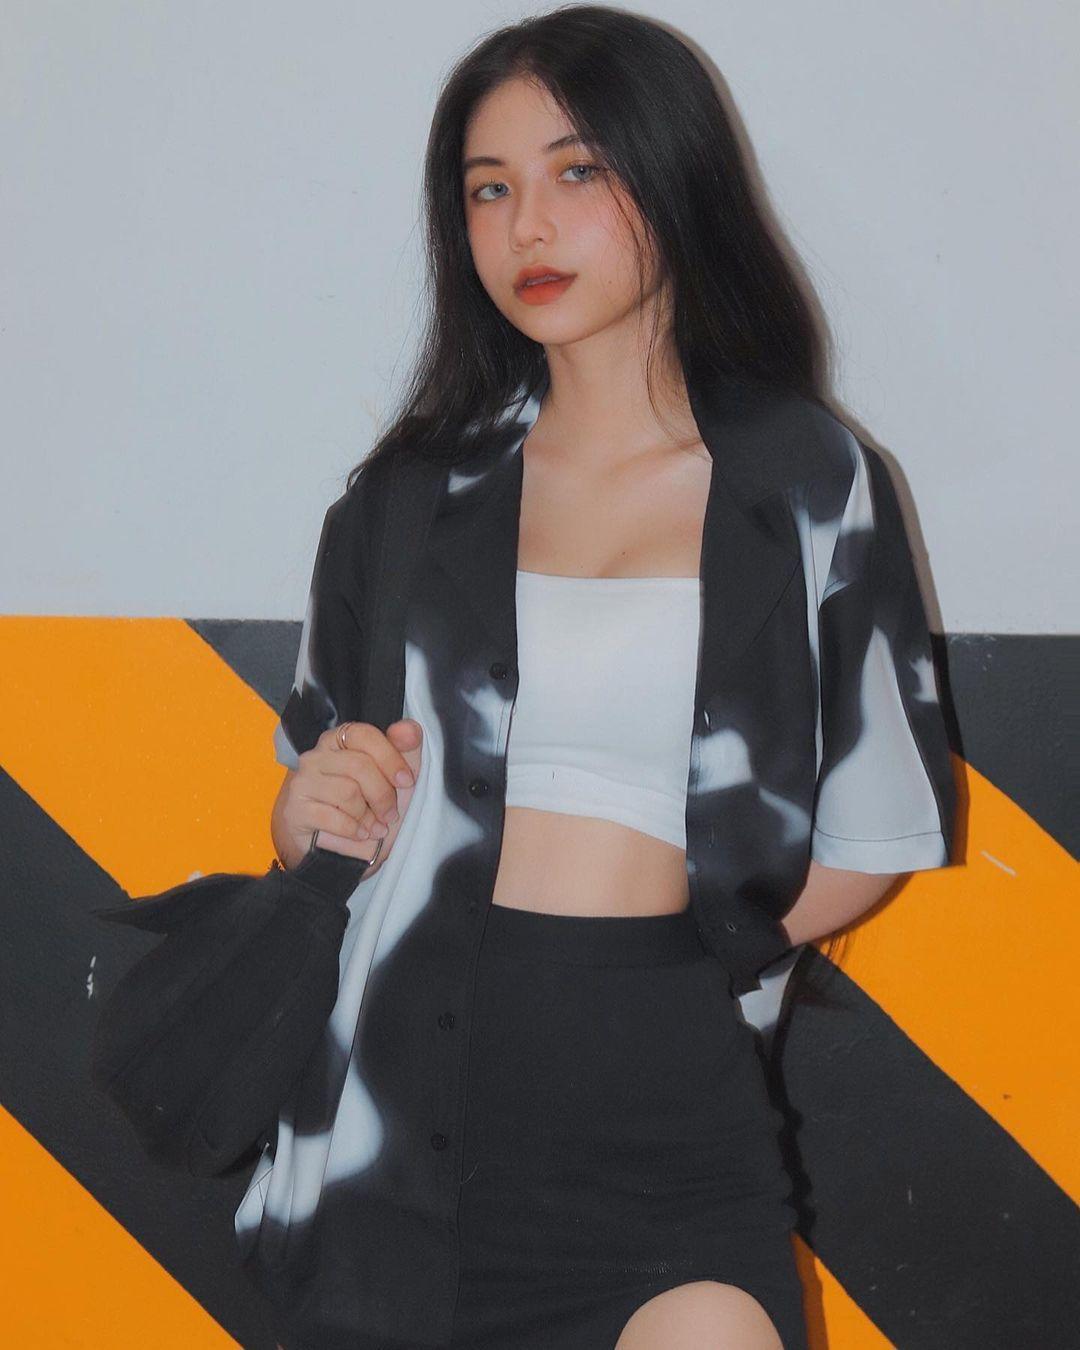 天菜越南妹「Kim Anh」迷蒙眼神仿佛随时在放电空灵气质更是无比疗愈人心 养眼图片 第23张